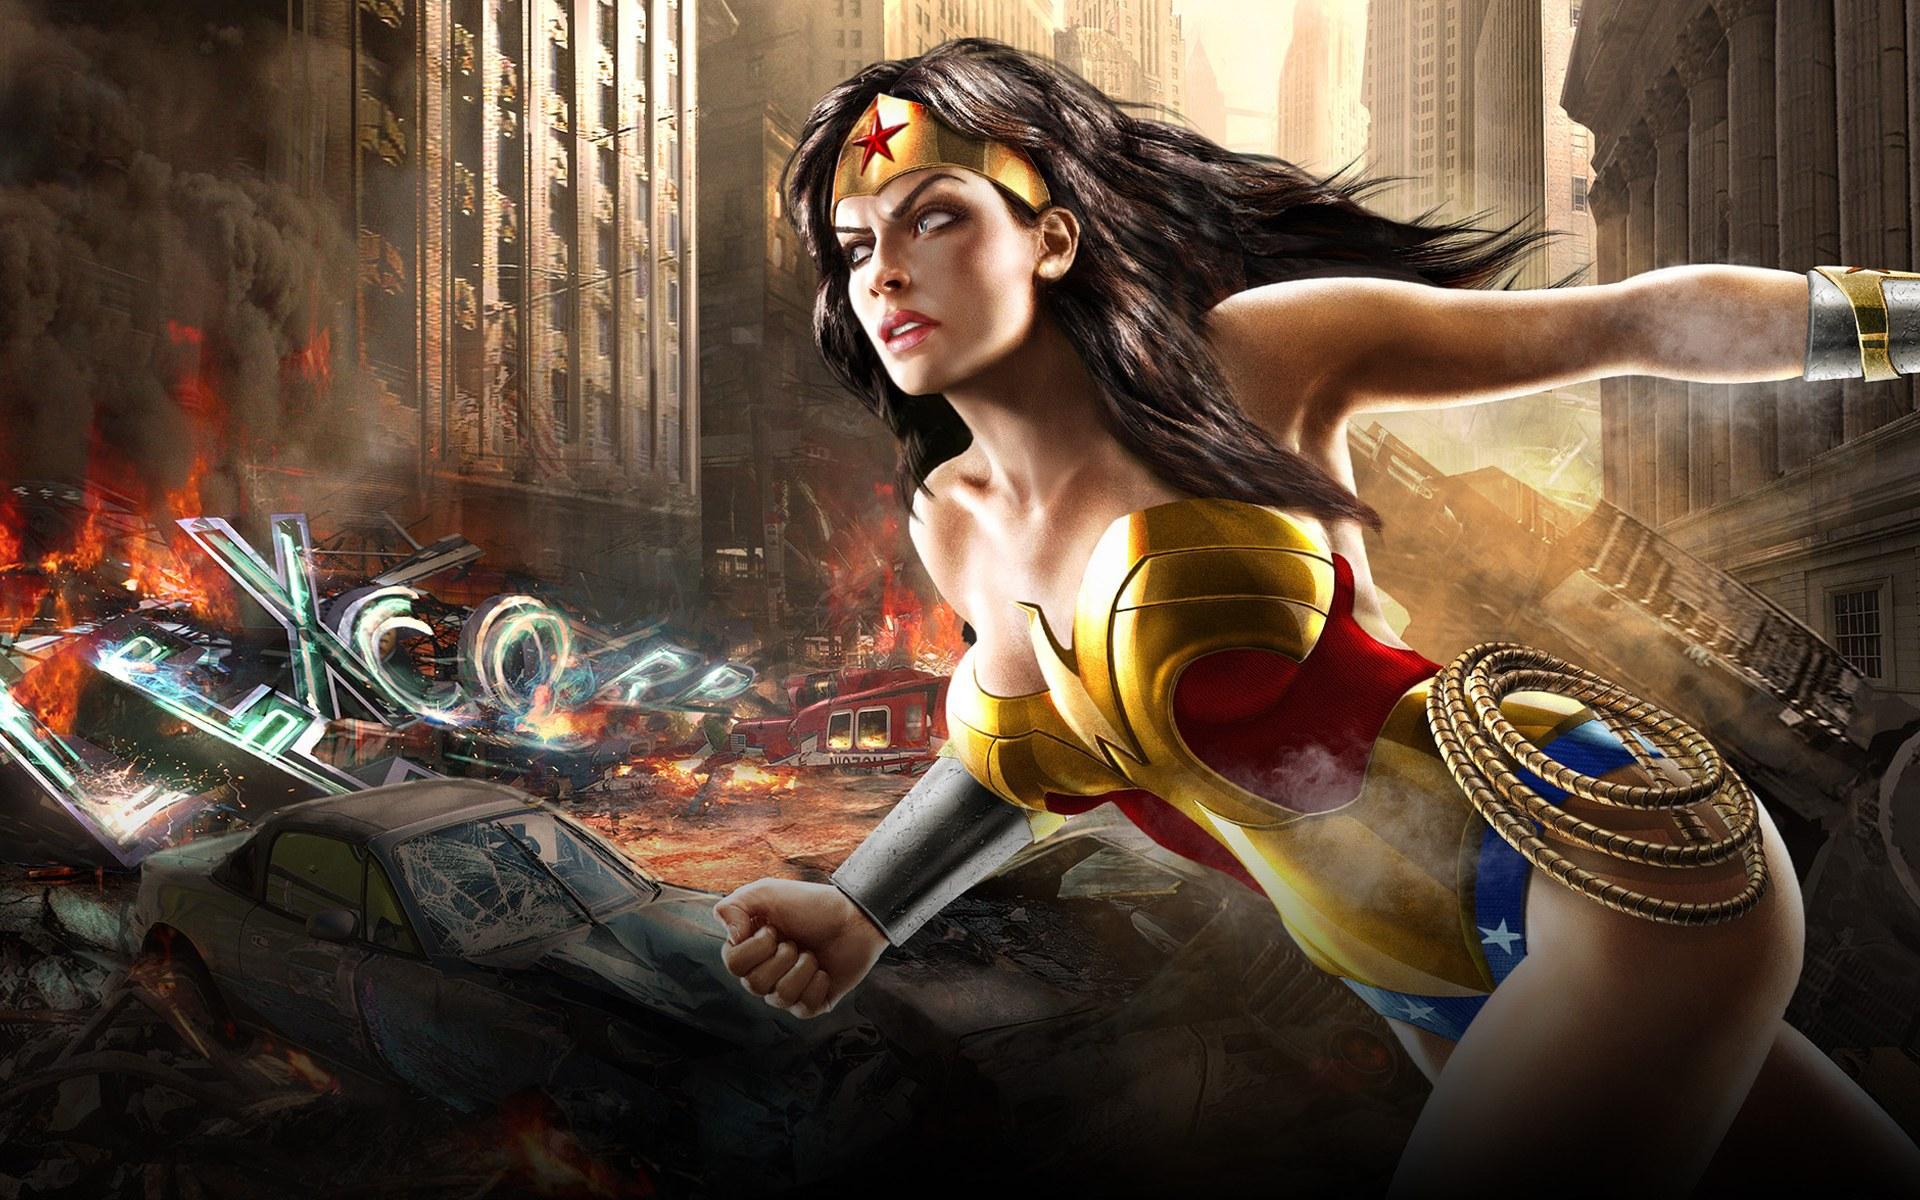 Wonder Woman Free Wallpaper